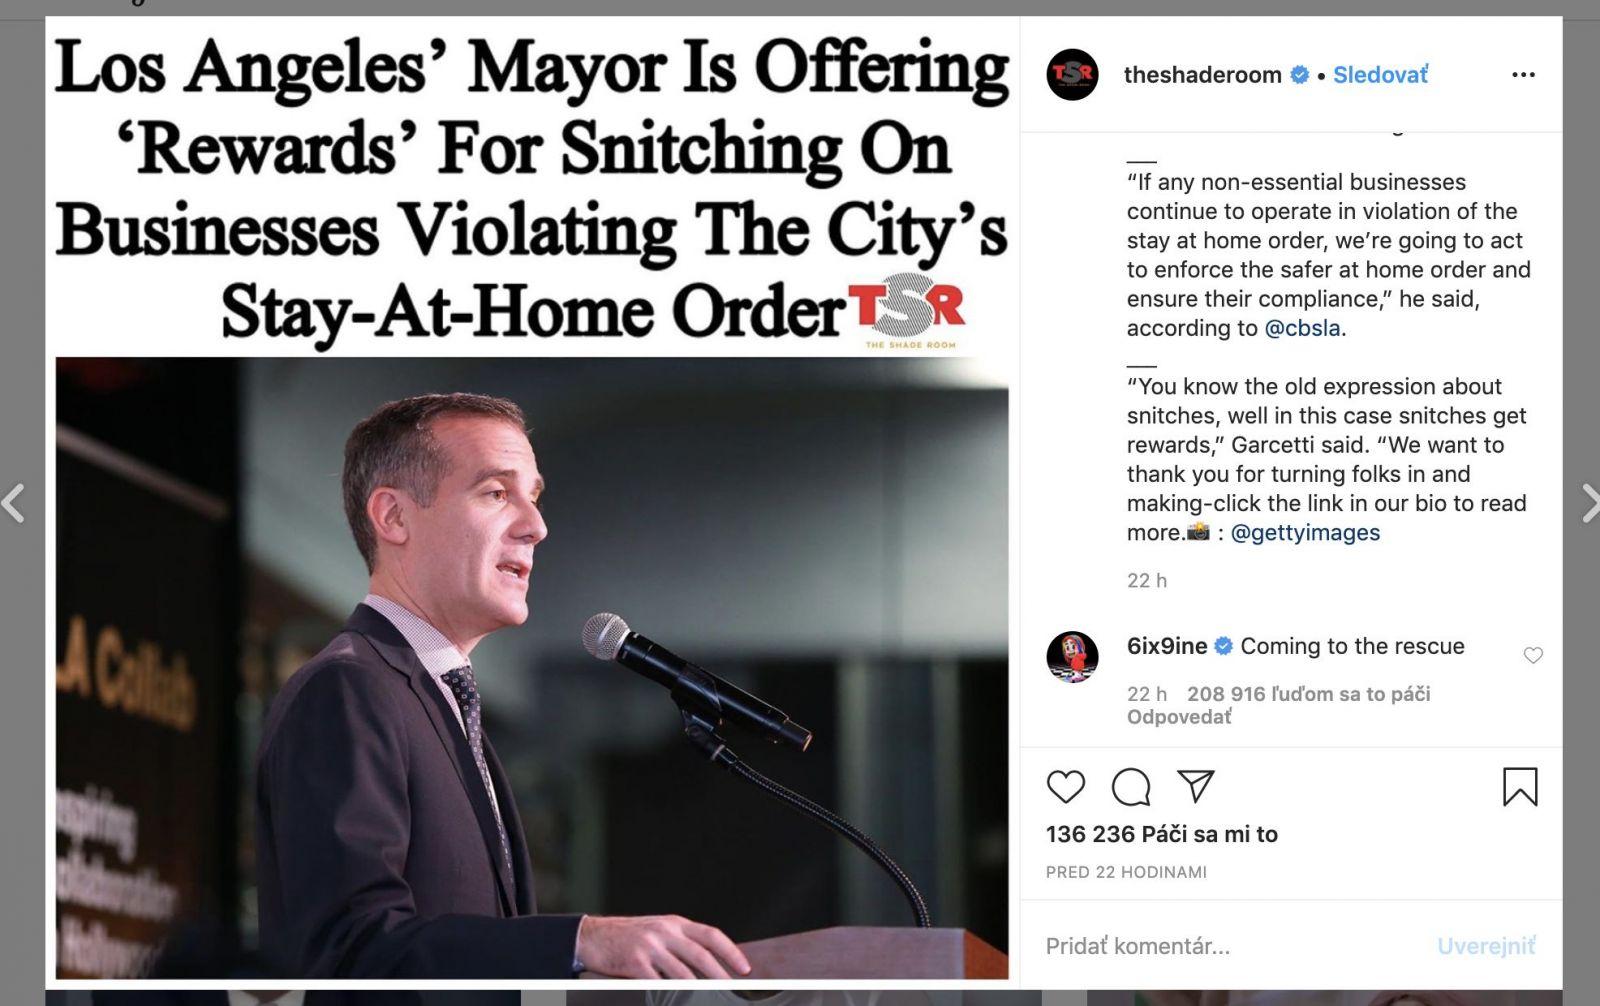 6ix9ine je späť na Instagrame a trolluje. Chce pomôcť udať všetkých, ktorí porušujú karanténu počas pandémie